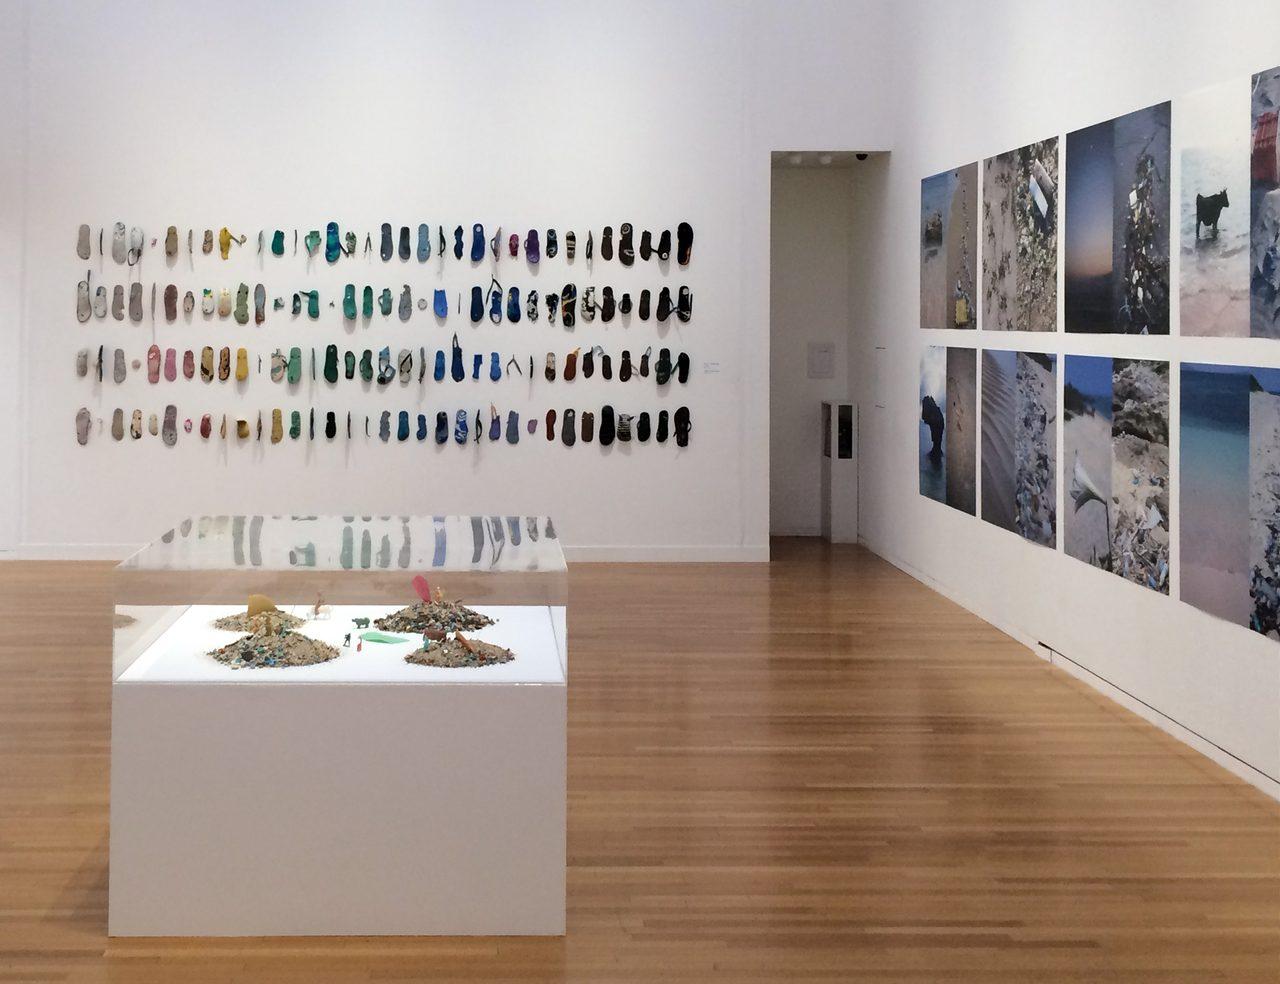 画像: 奥の壁面に架けられているのはビーチサンダル(C)cinefil art review